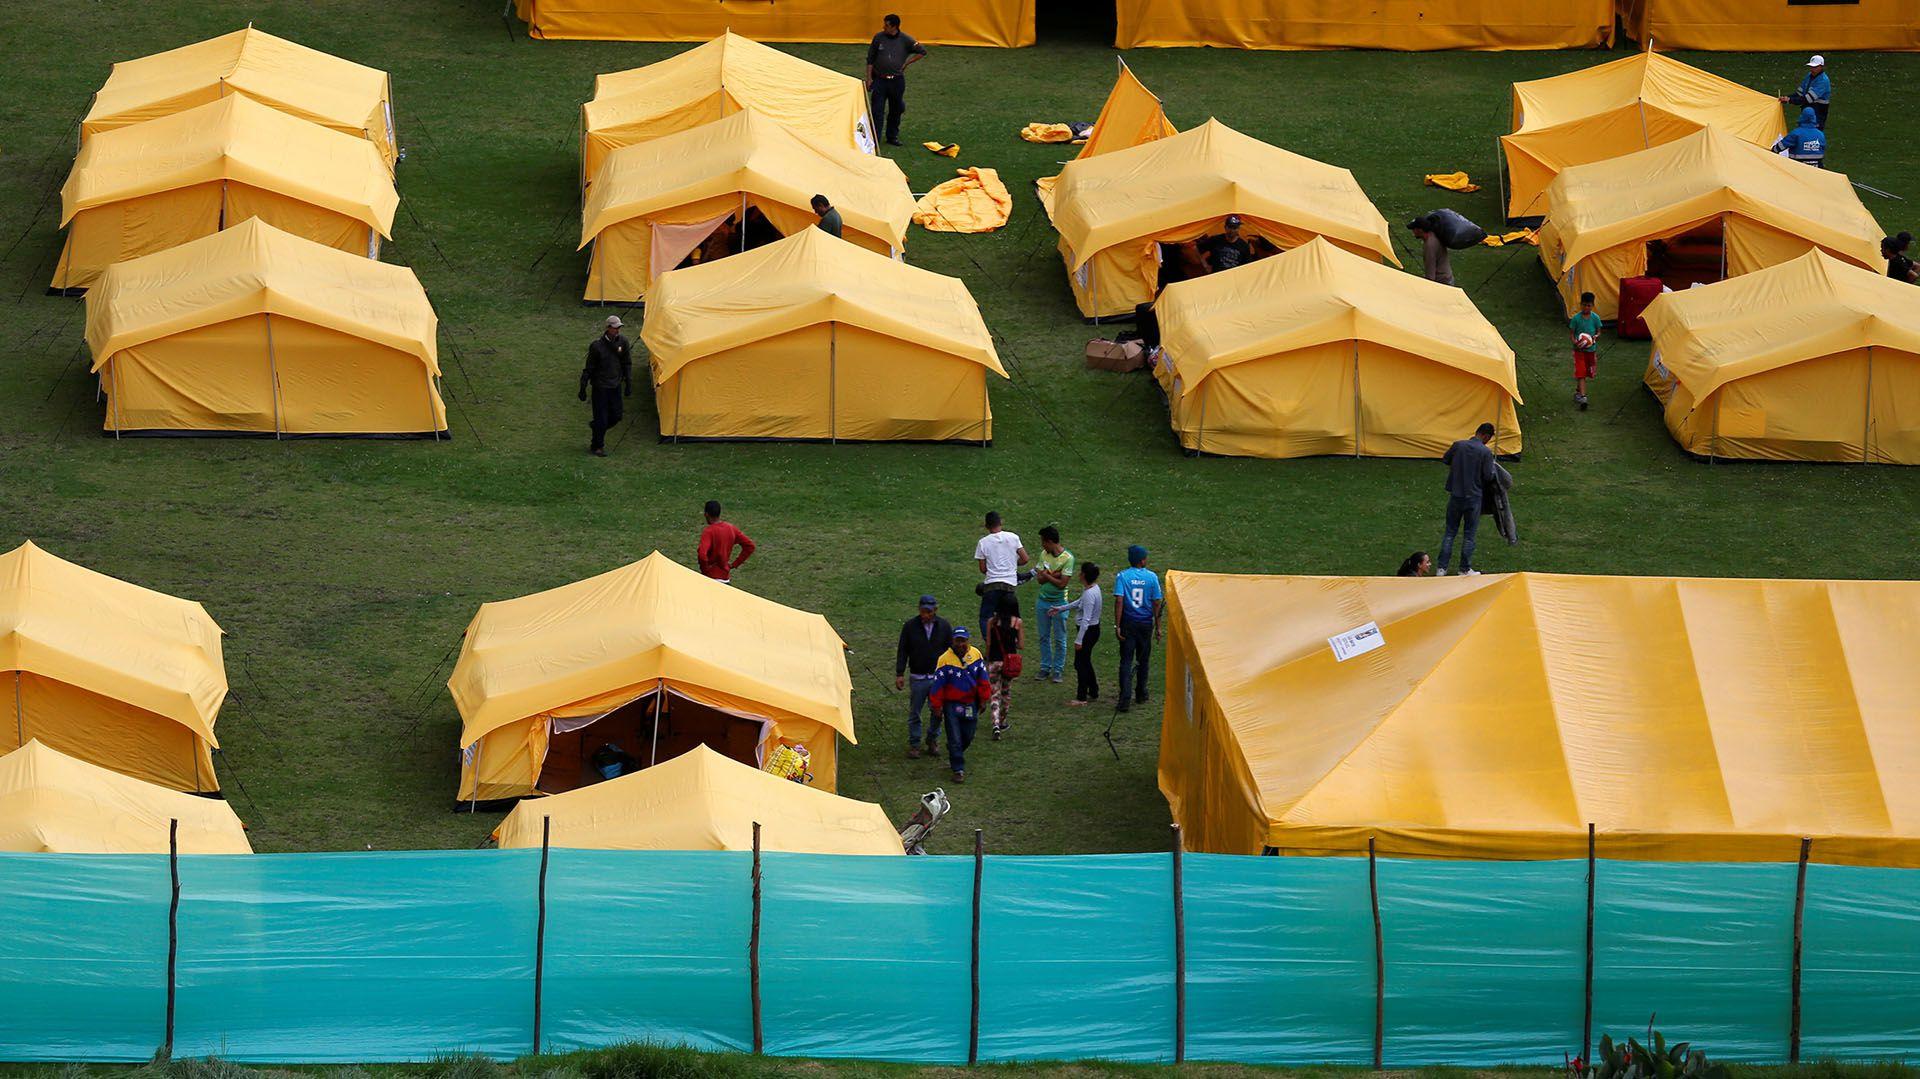 Campamento de venezolanos en Colombia (REUTERS/Luisa Gonzalez)